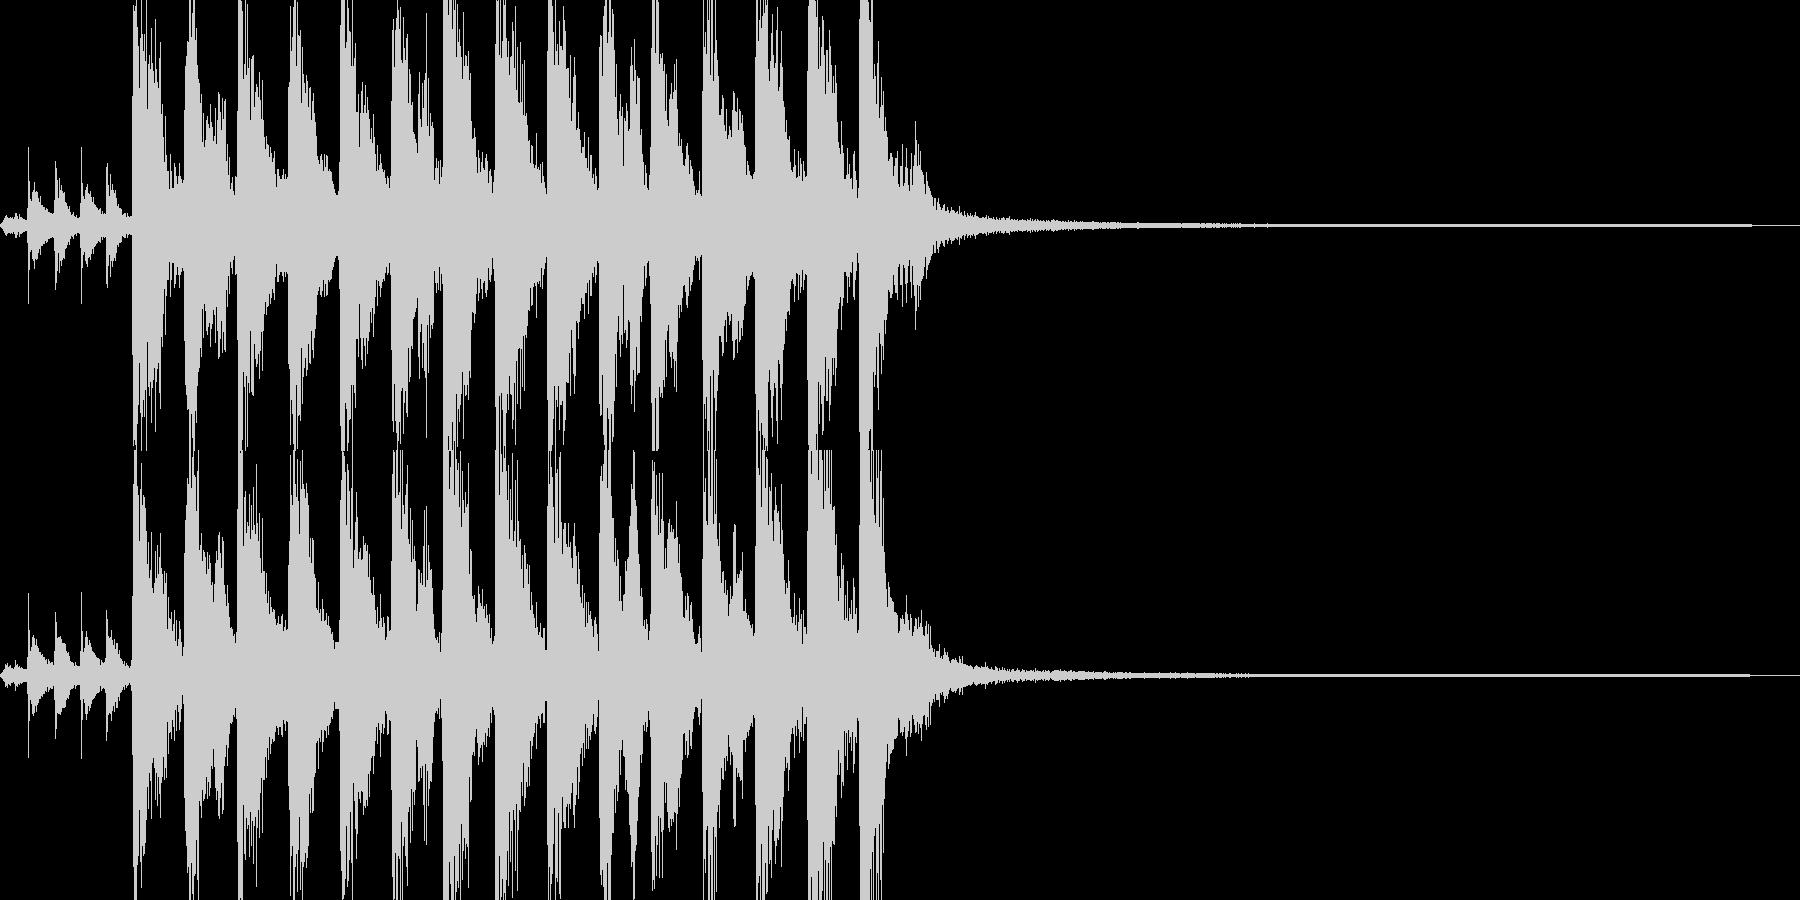 そそくさと展開するポップスジングルの未再生の波形